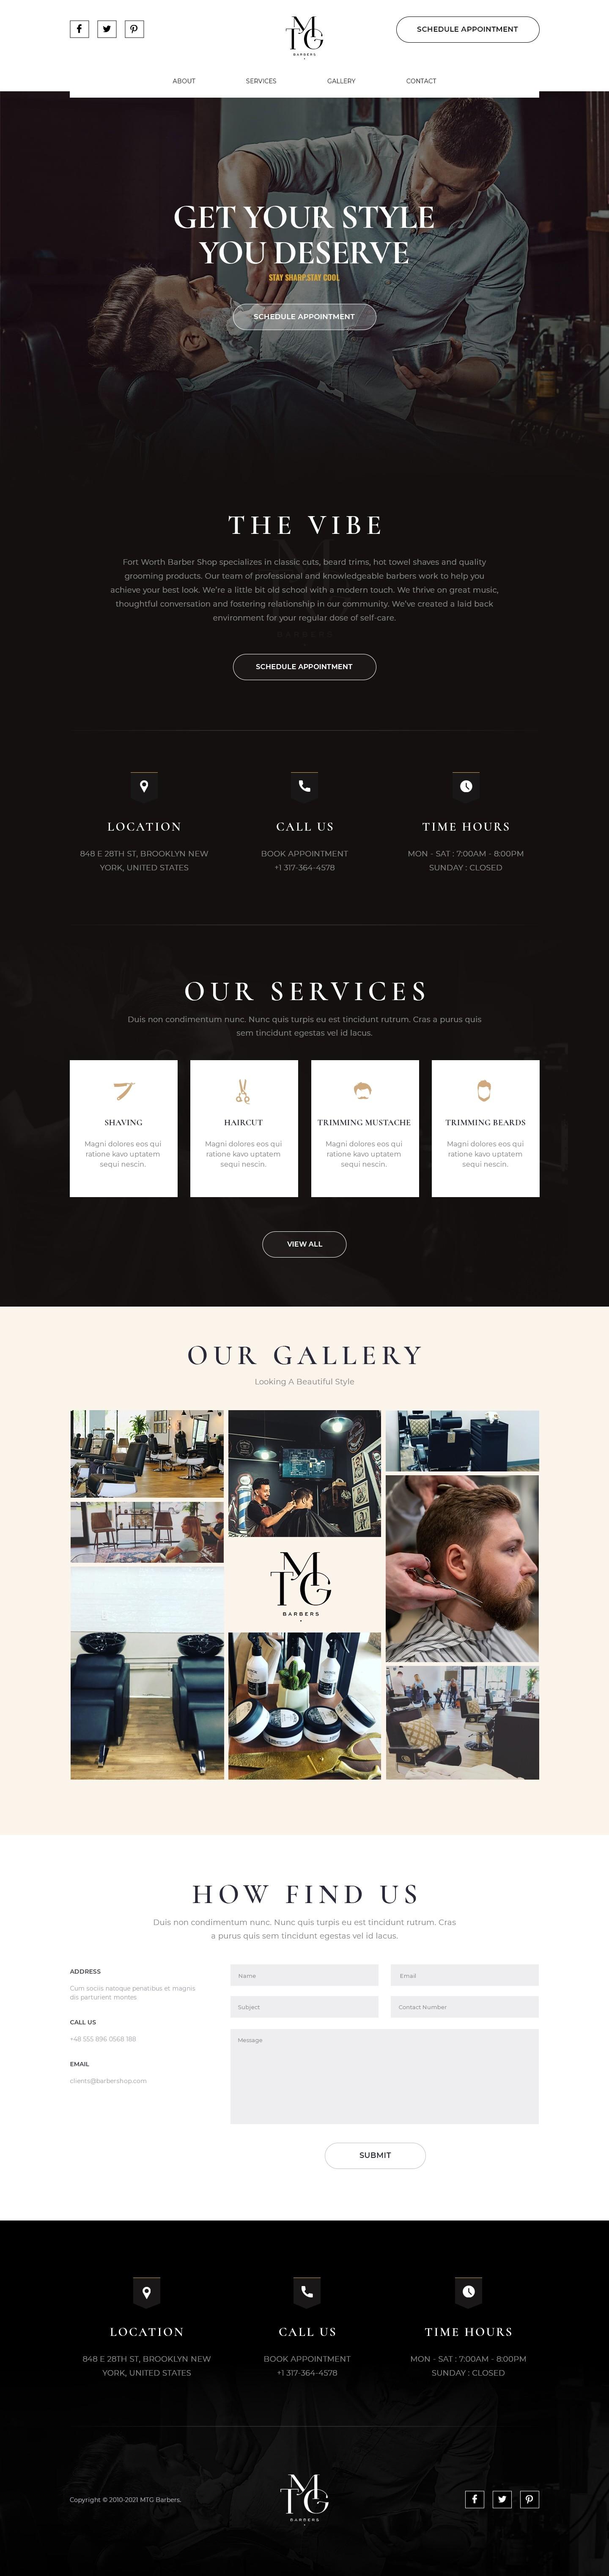 Barber Website for Cool Brand